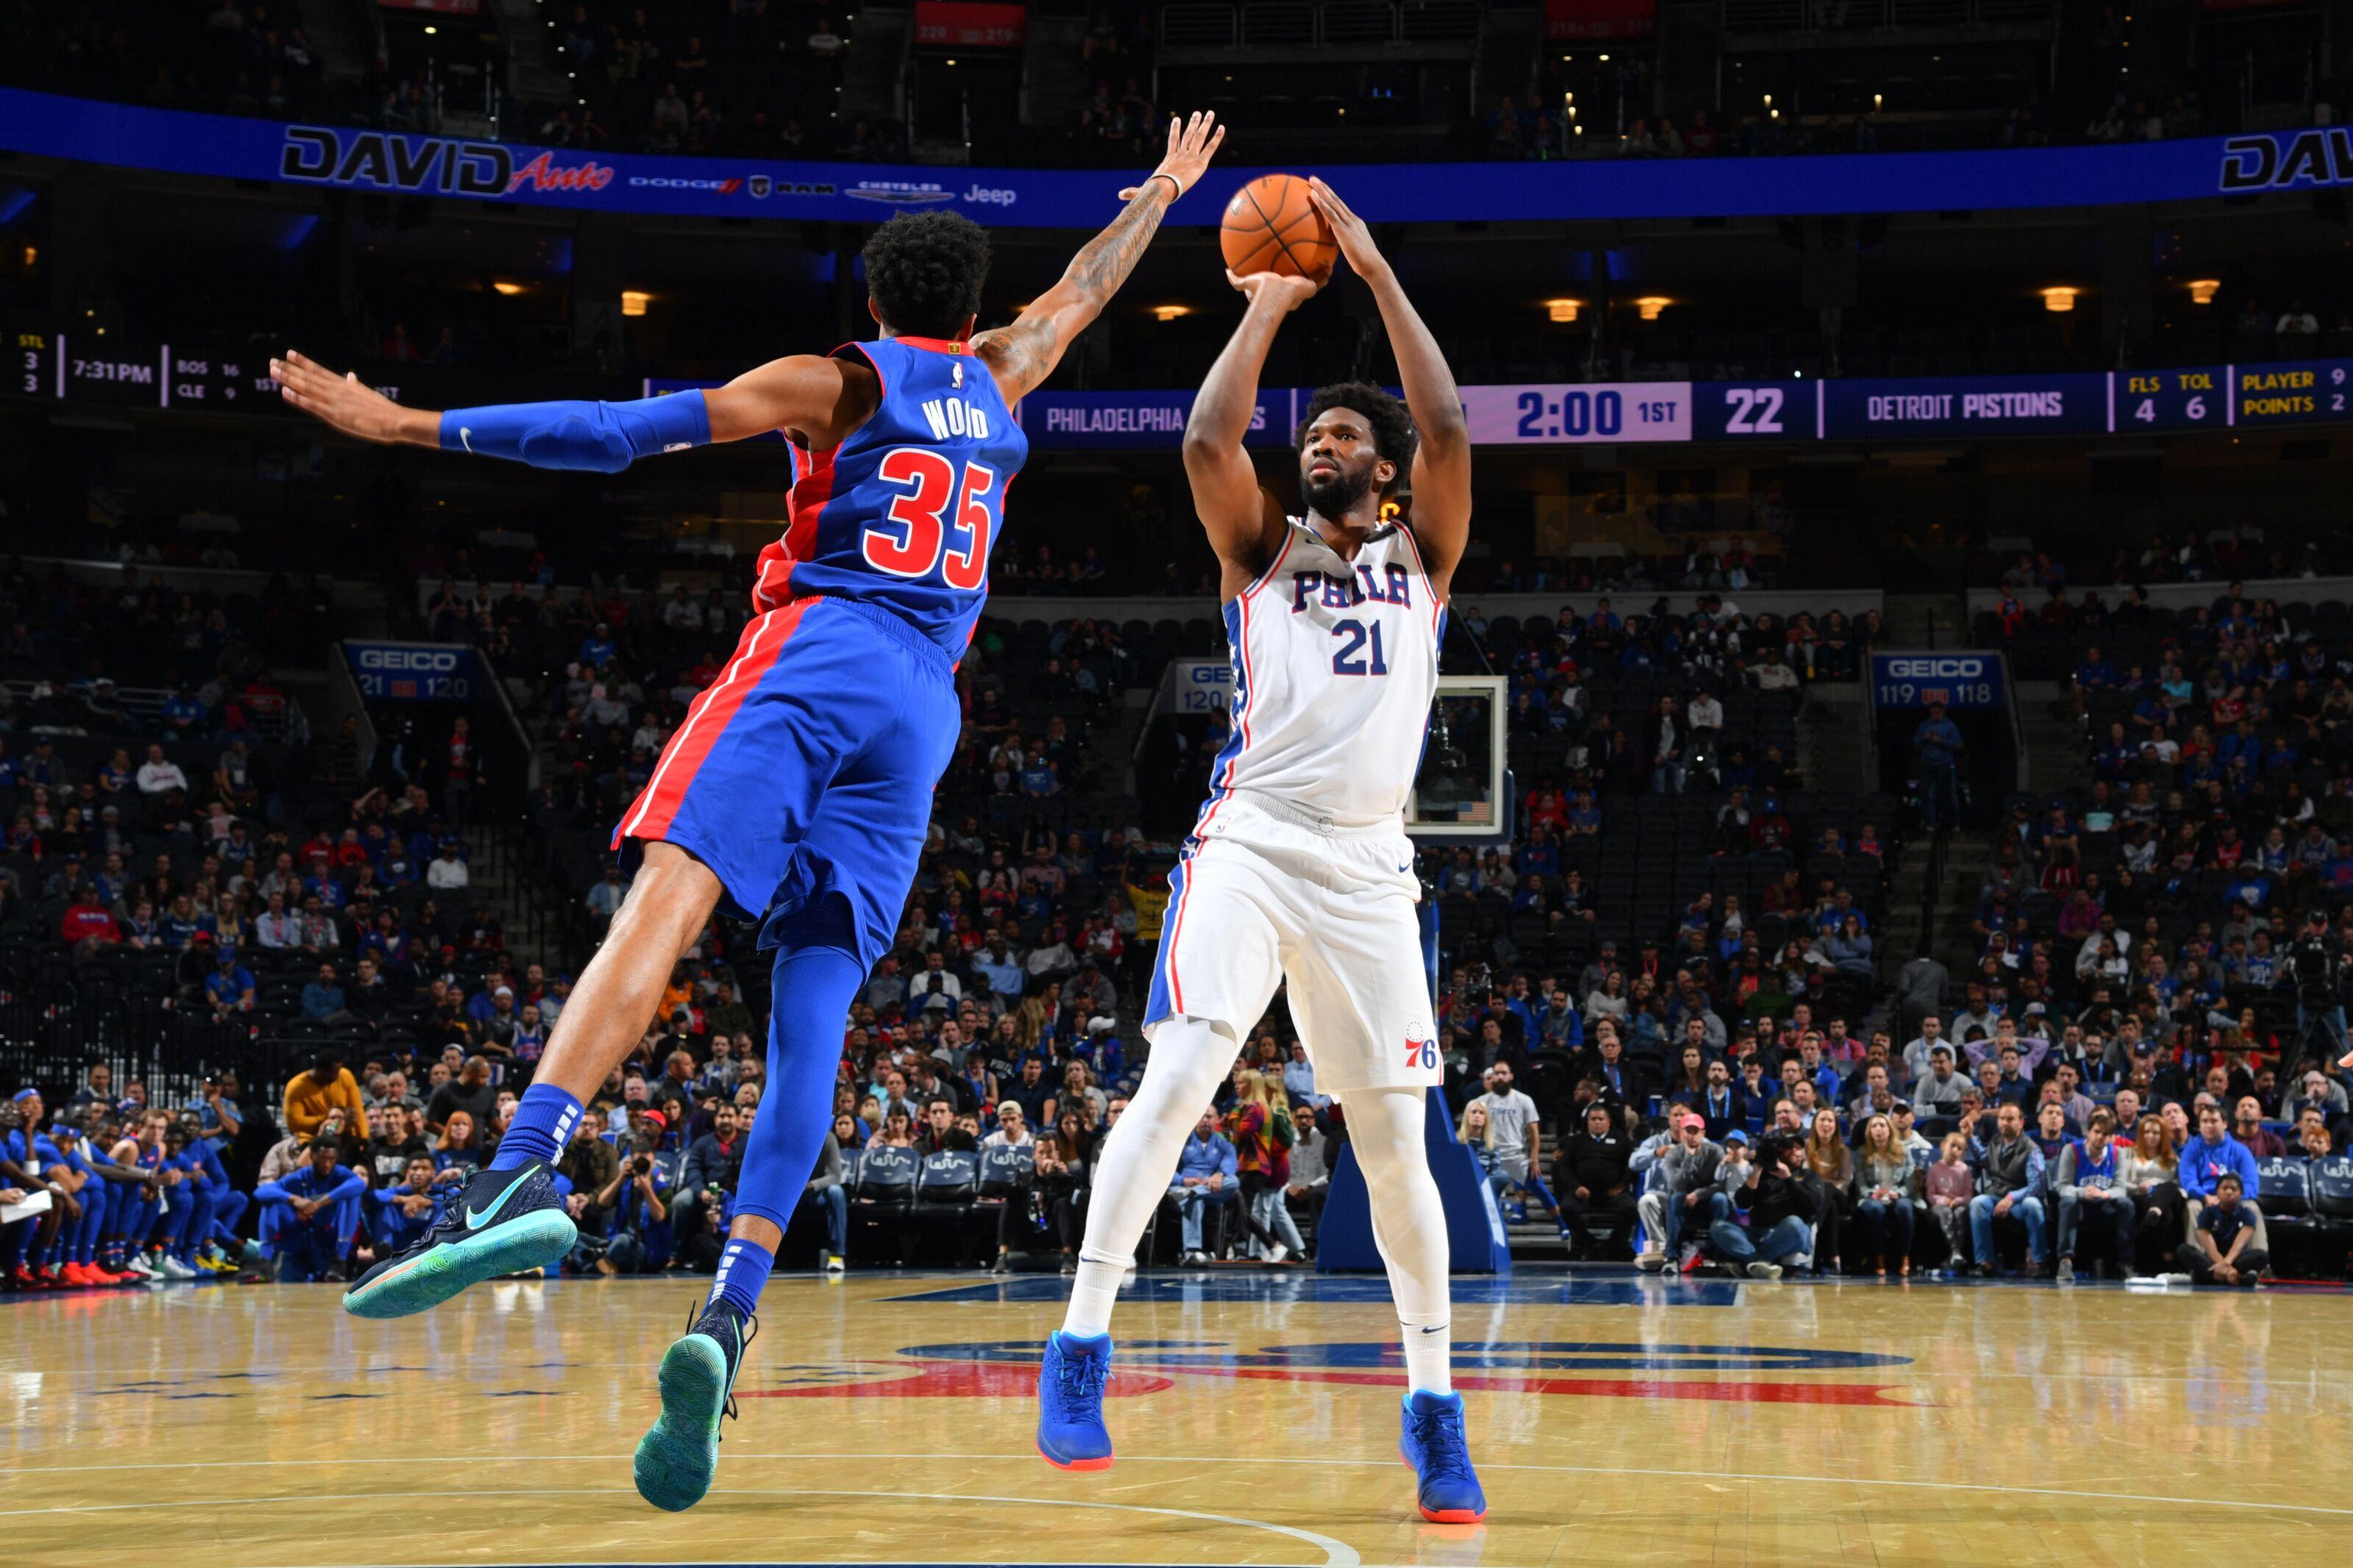 GRADES: Philadelphia 76ers 106, Detroit Pistons 86